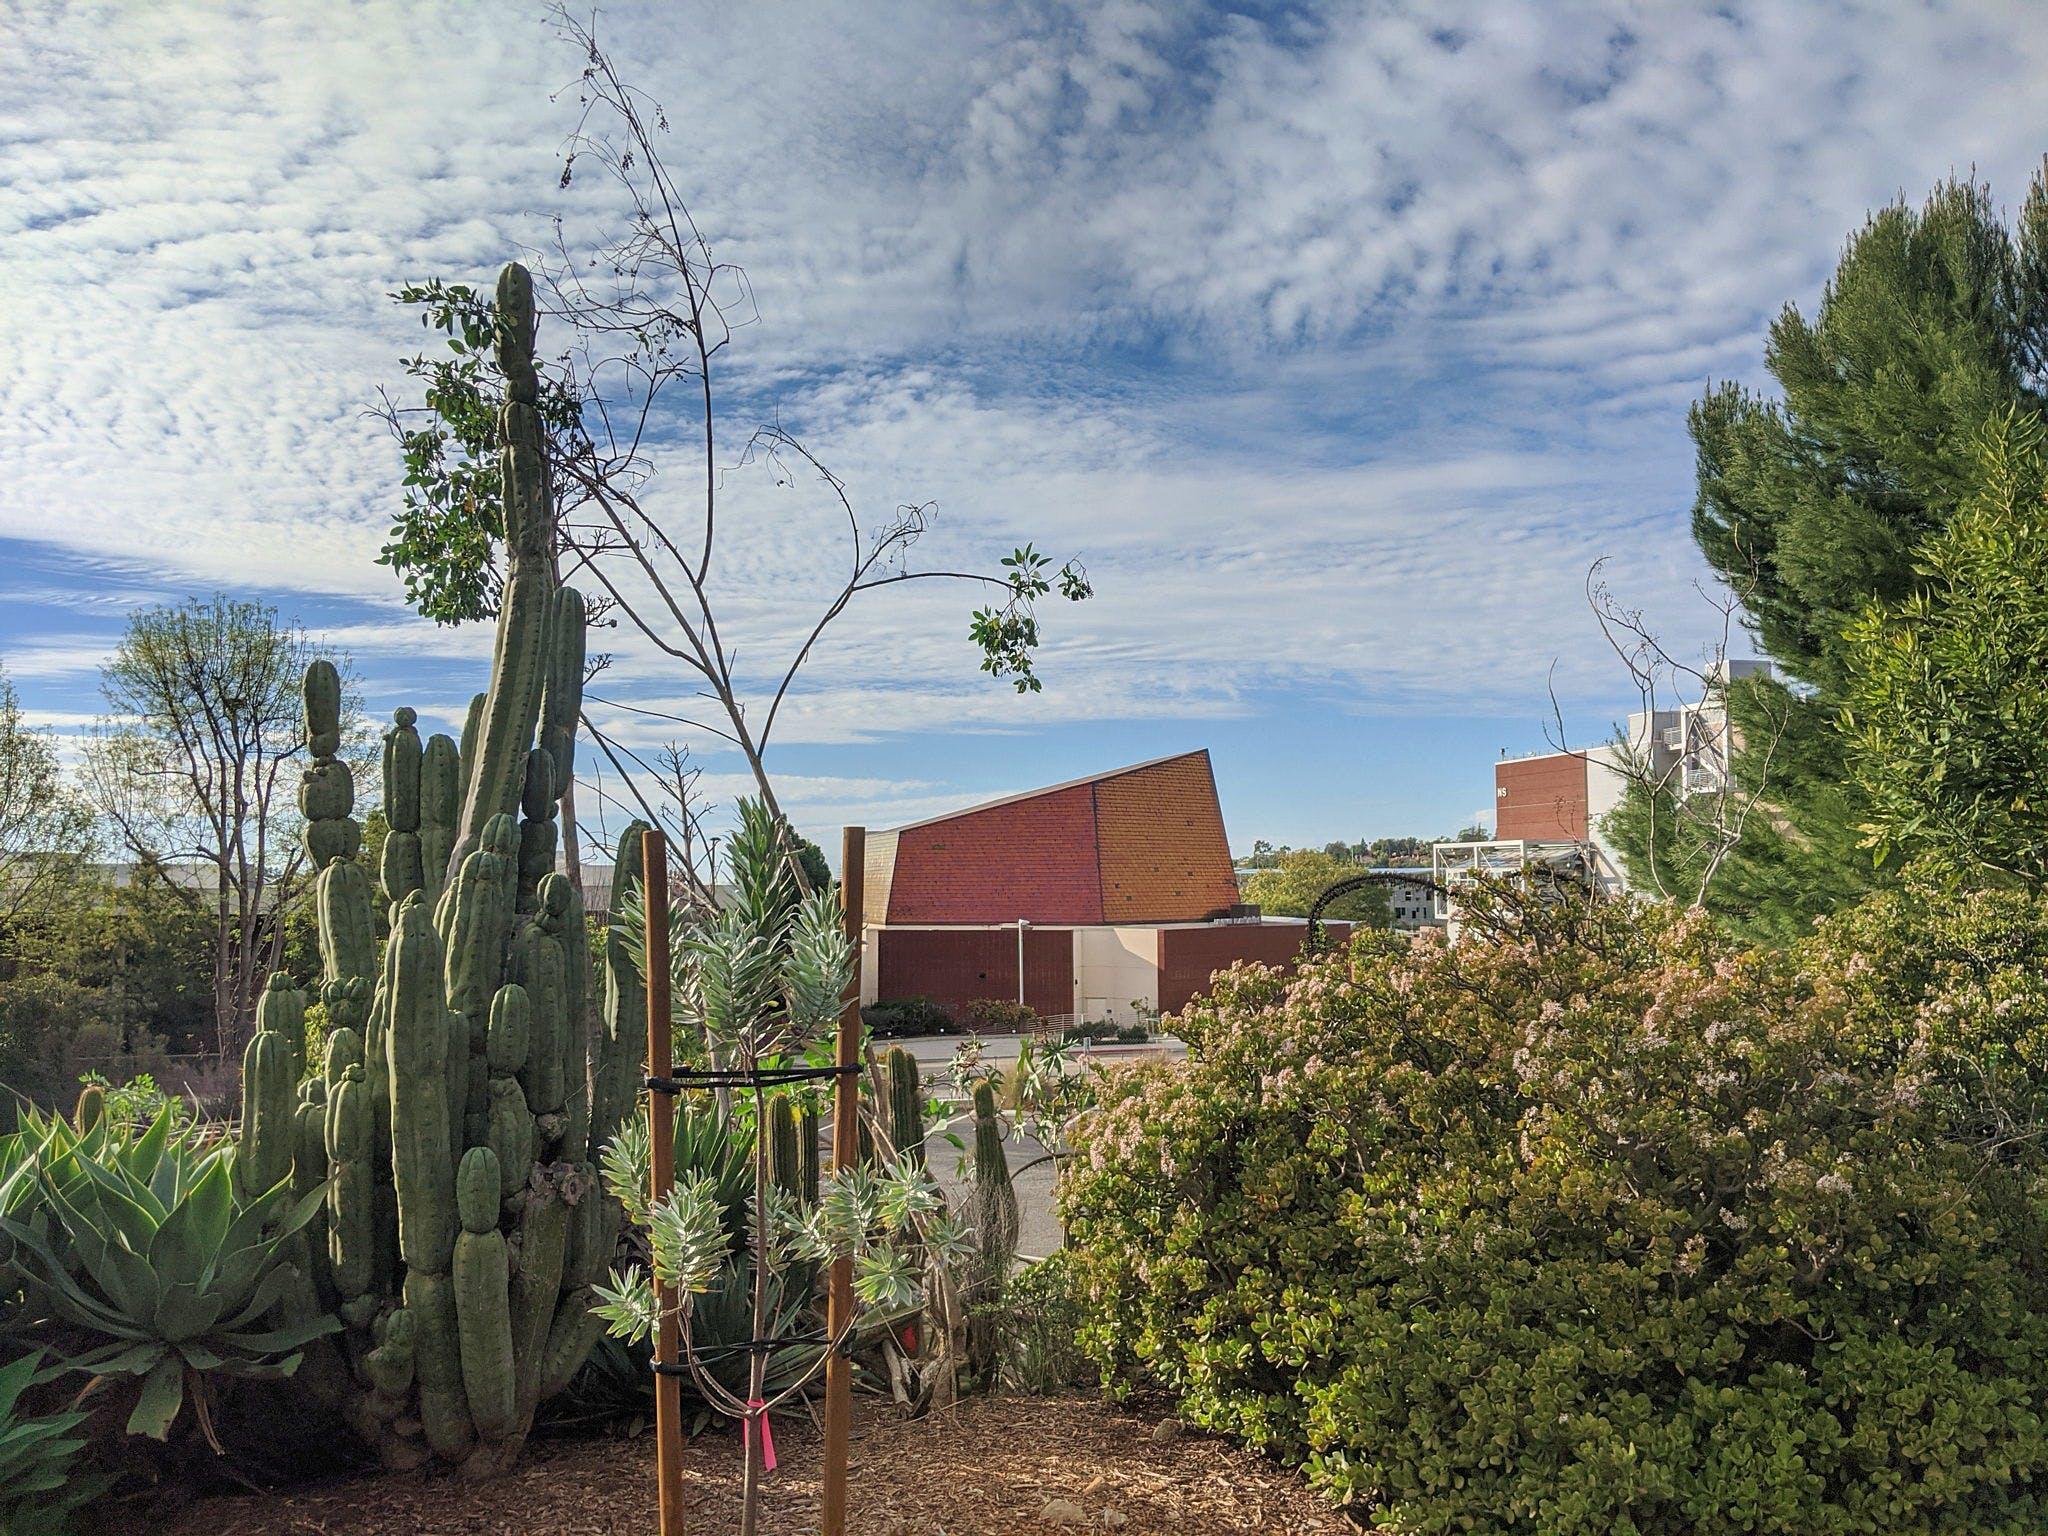 Hike Palomar College Arboretum